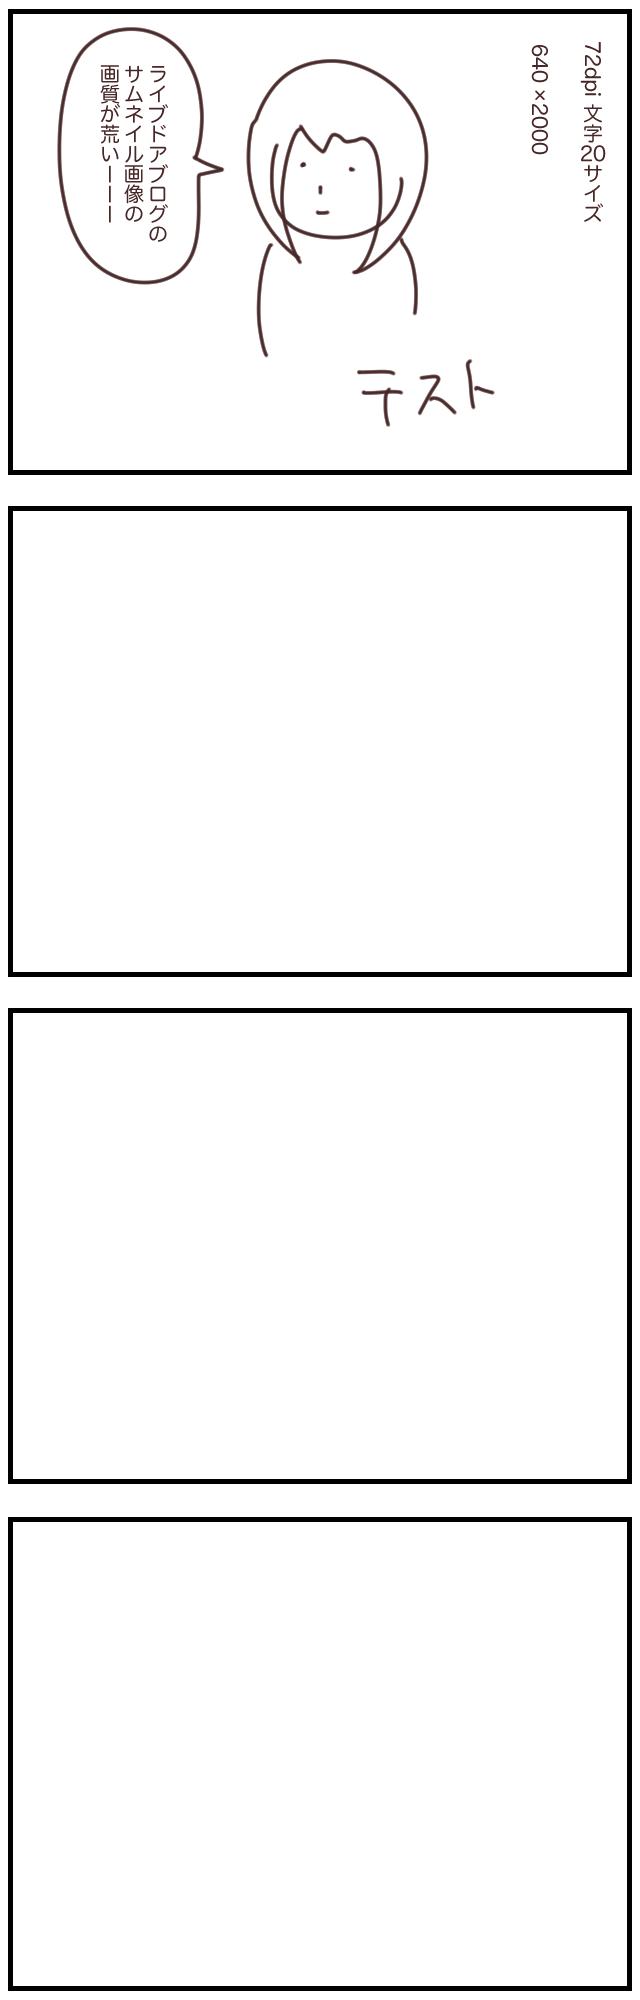 3E0891A4-71CD-4B74-851C-0C7B50EF3763